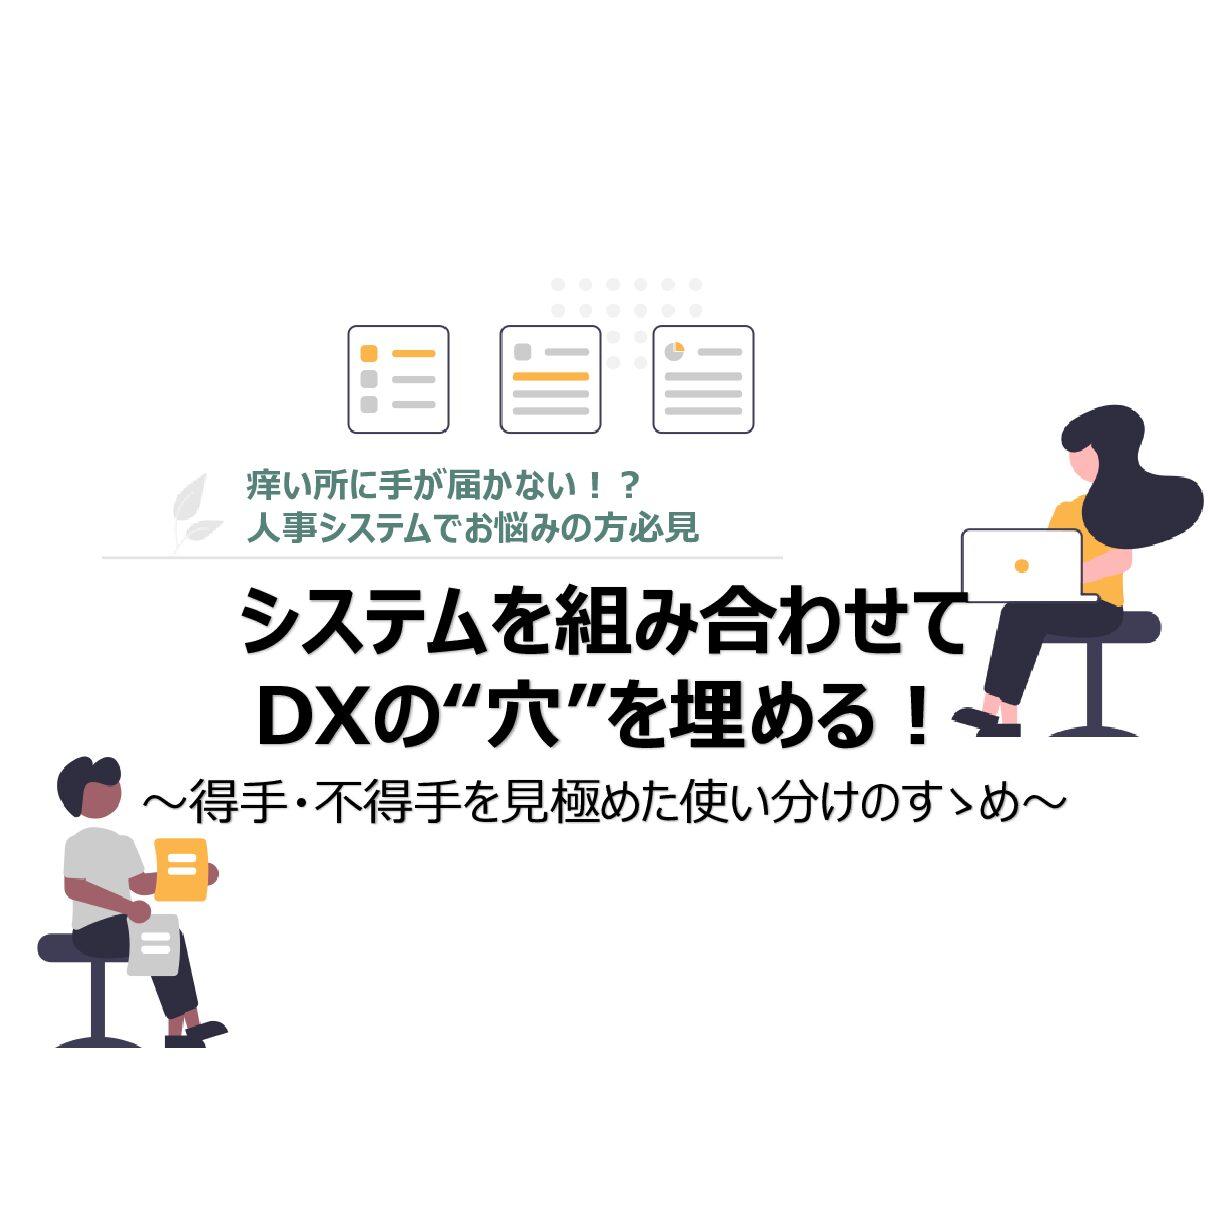 2021年10月26日(火) 14:00~15:00